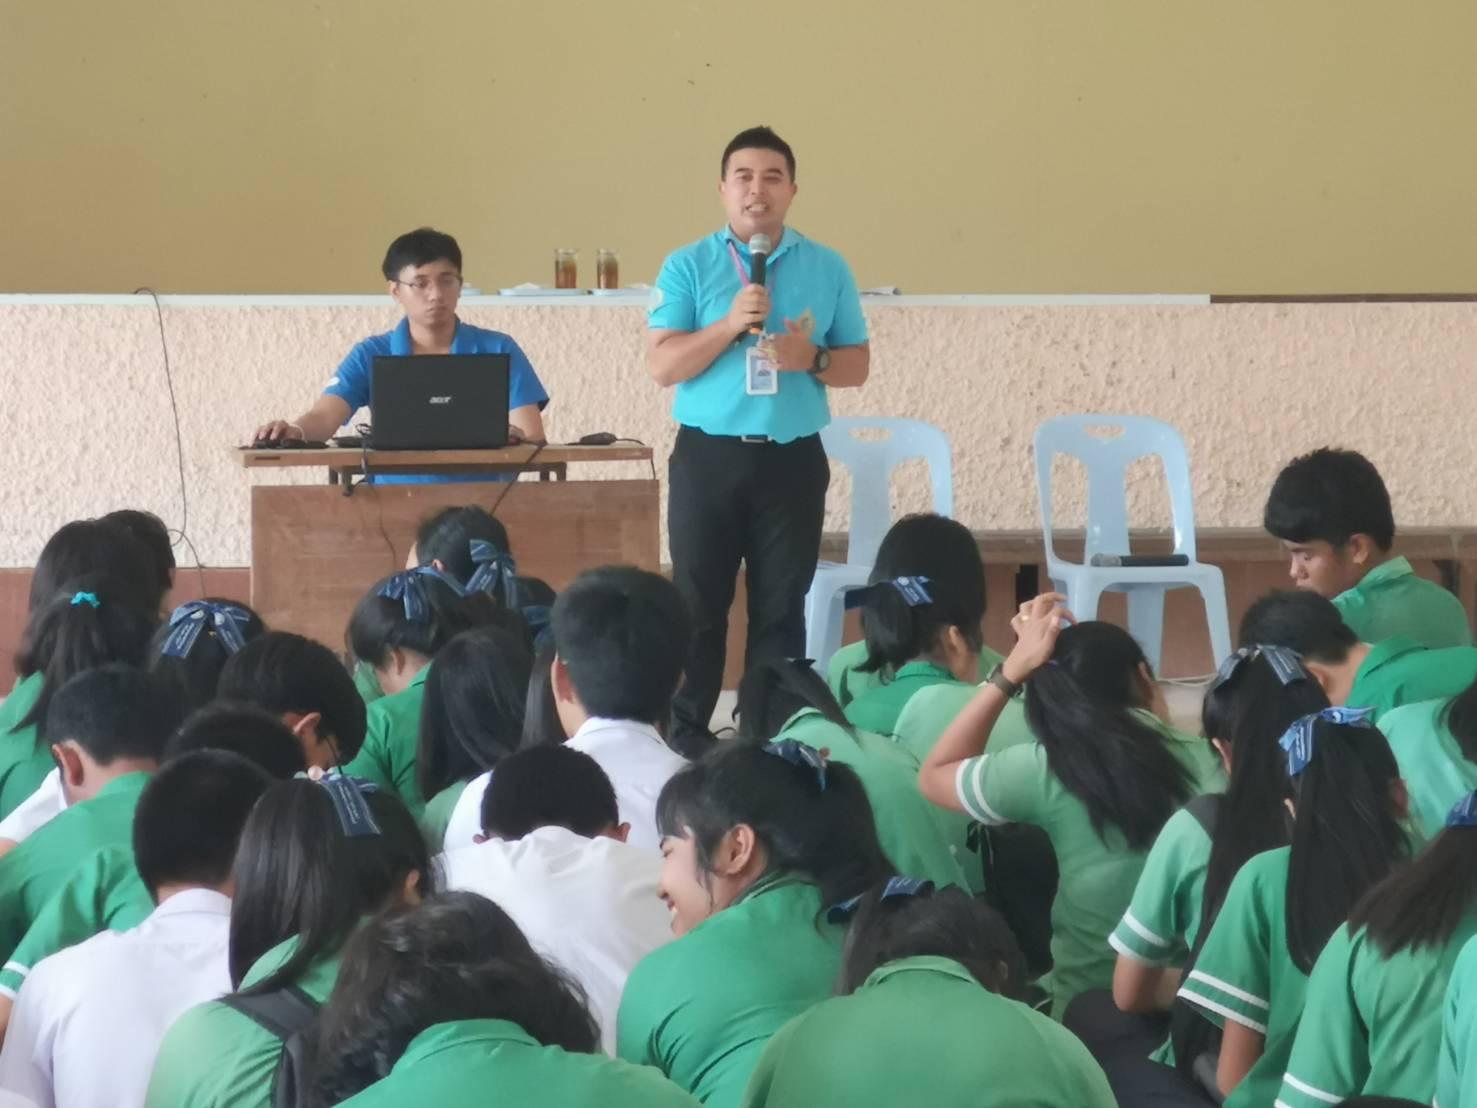 โครงการแนะแนวอาชีพ นักเรียน นักศึกษา โรงเรียนตะกั่วป่าเสนานุกูล